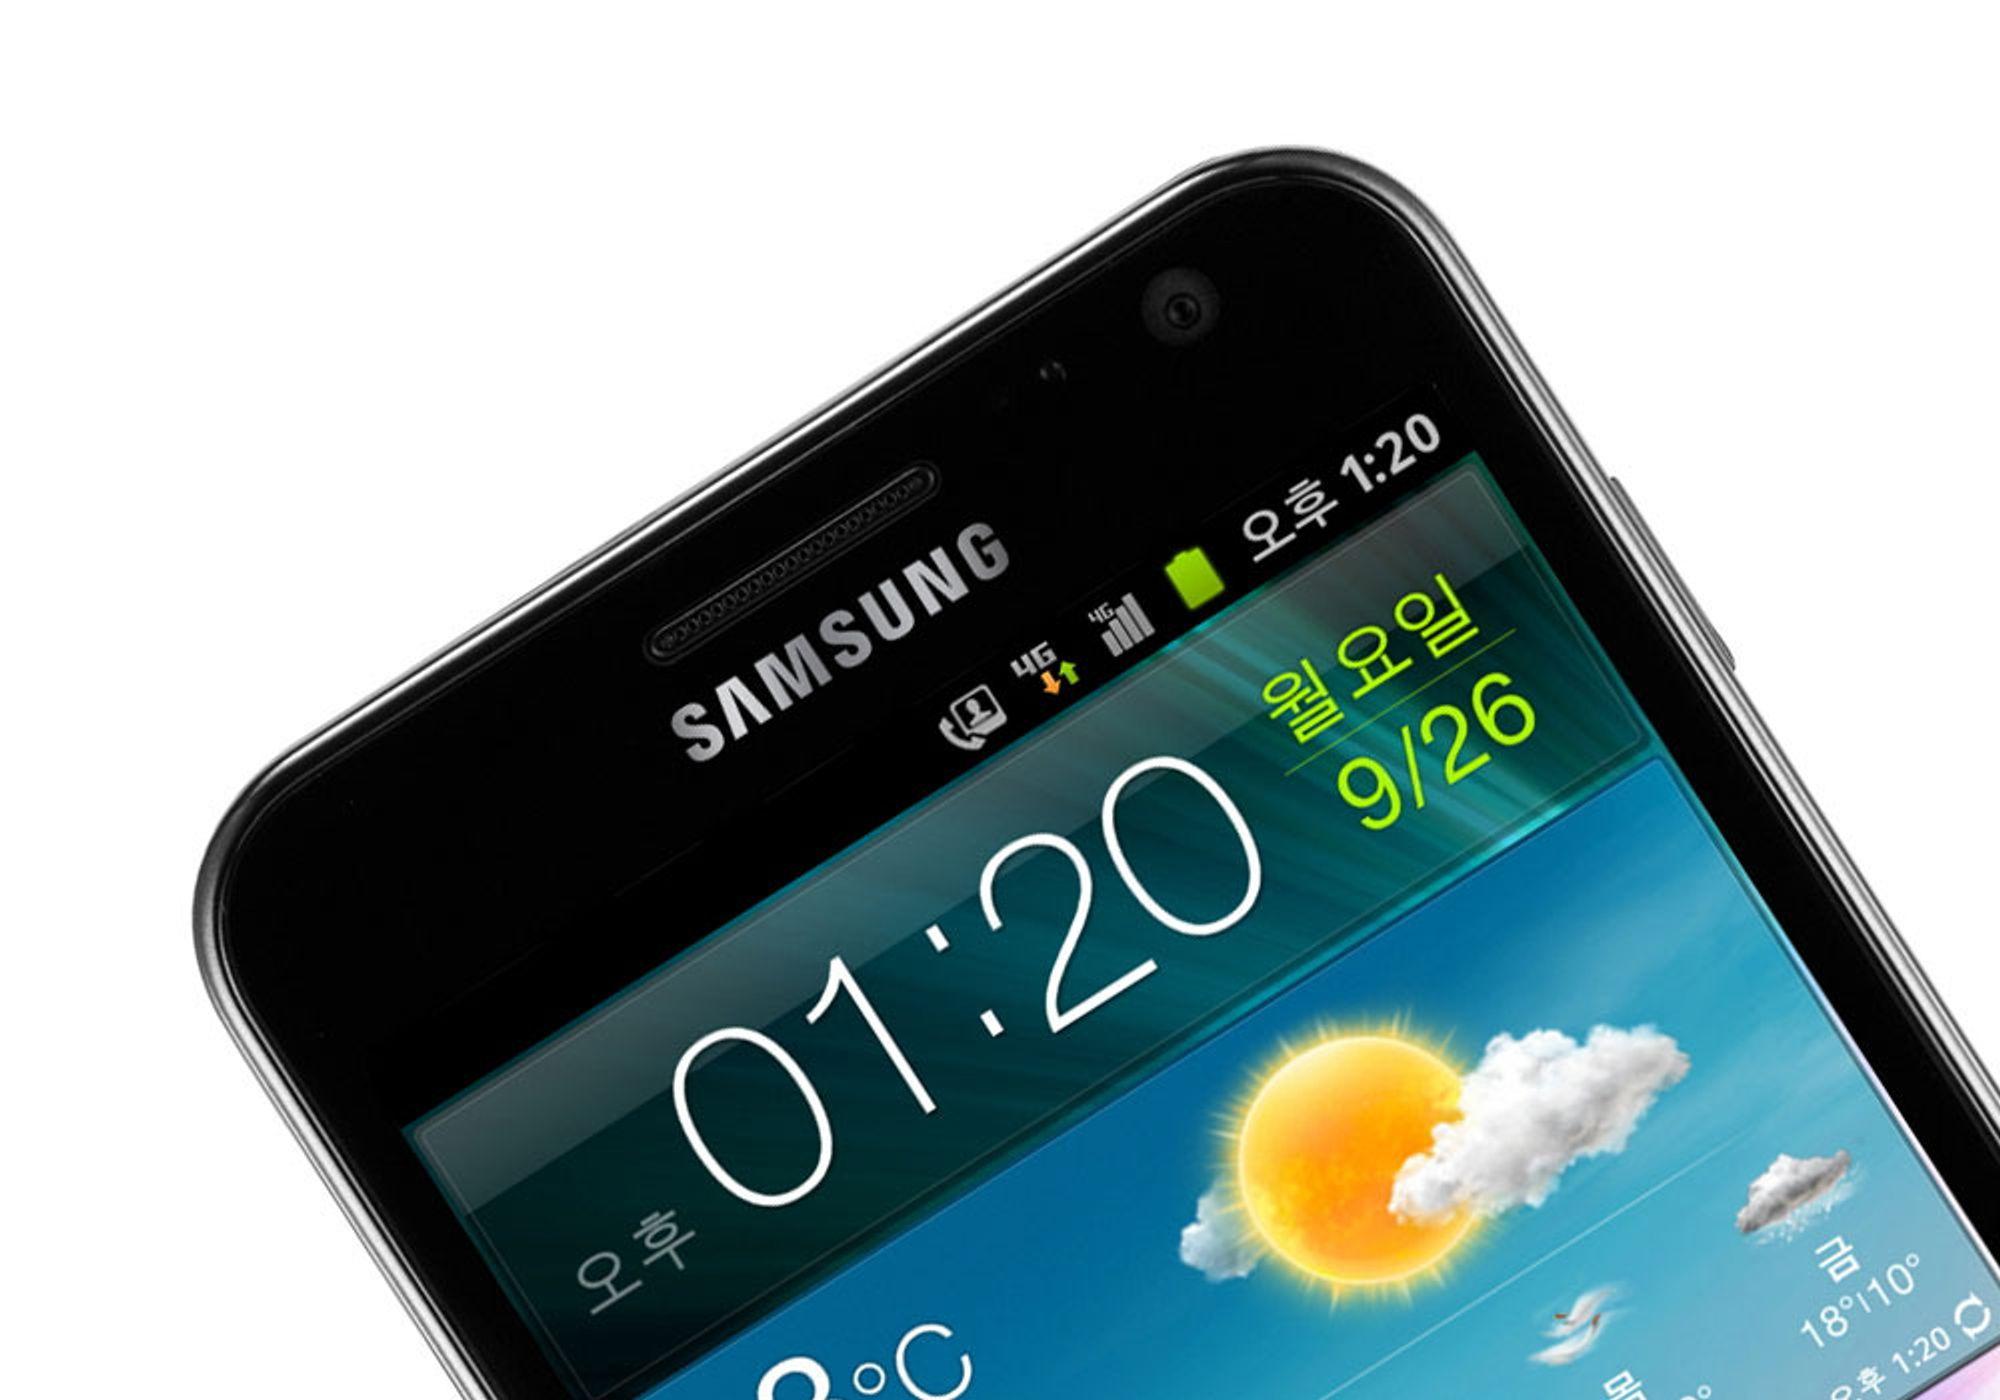 - Galaxy S III får flere ikoner og bedre skjerm